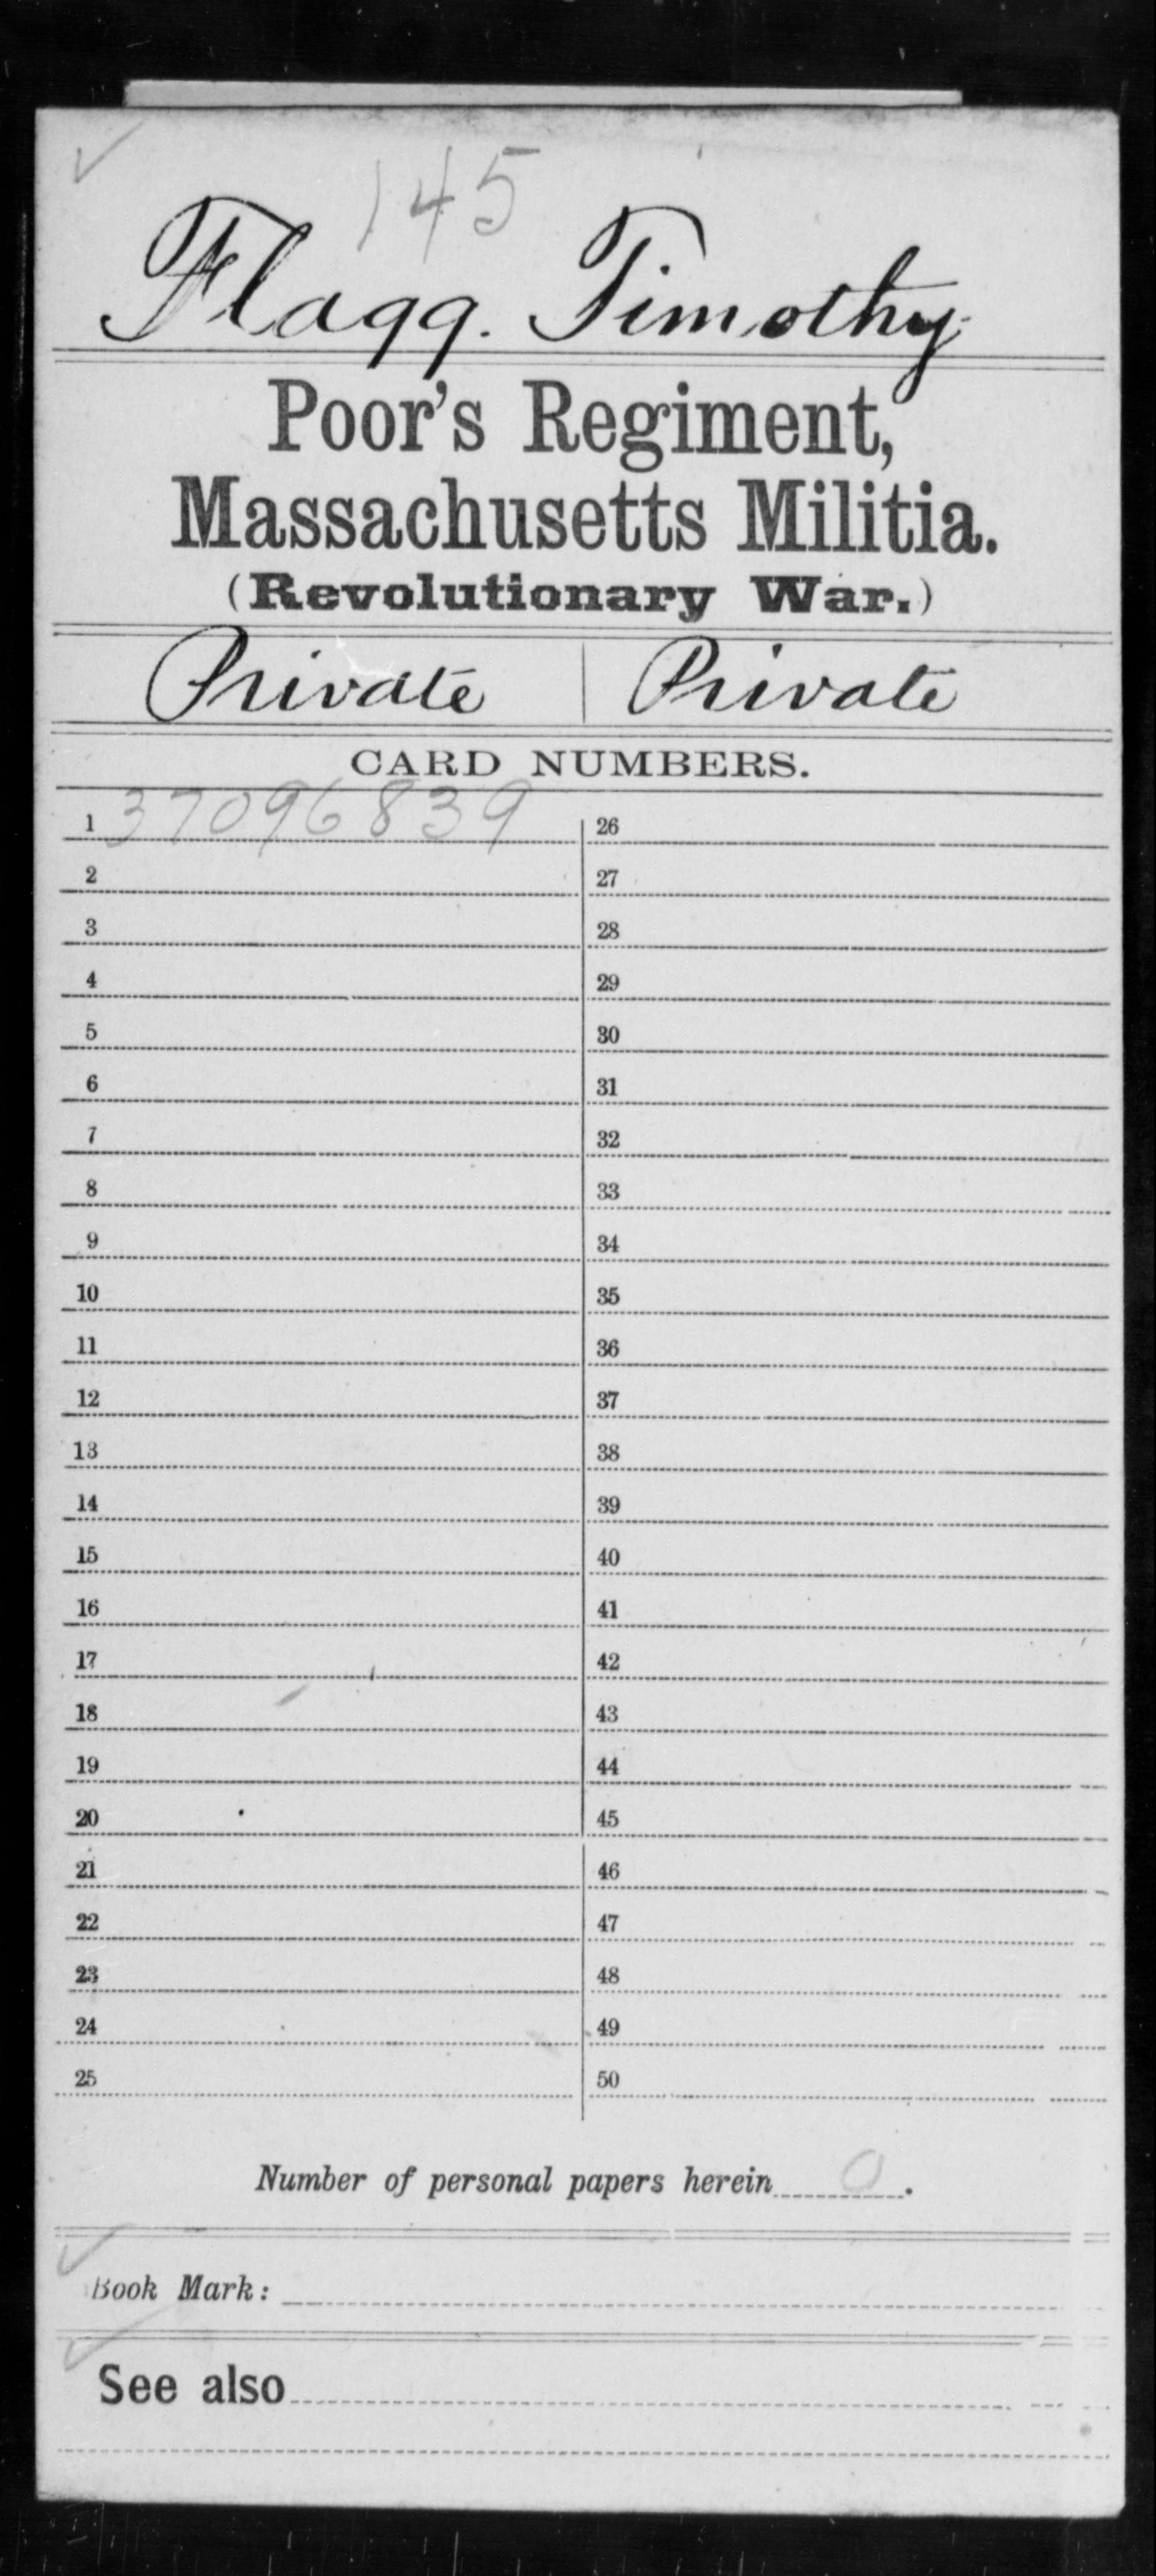 Flagg, Timothy - Massachusetts - Poor's Regiment